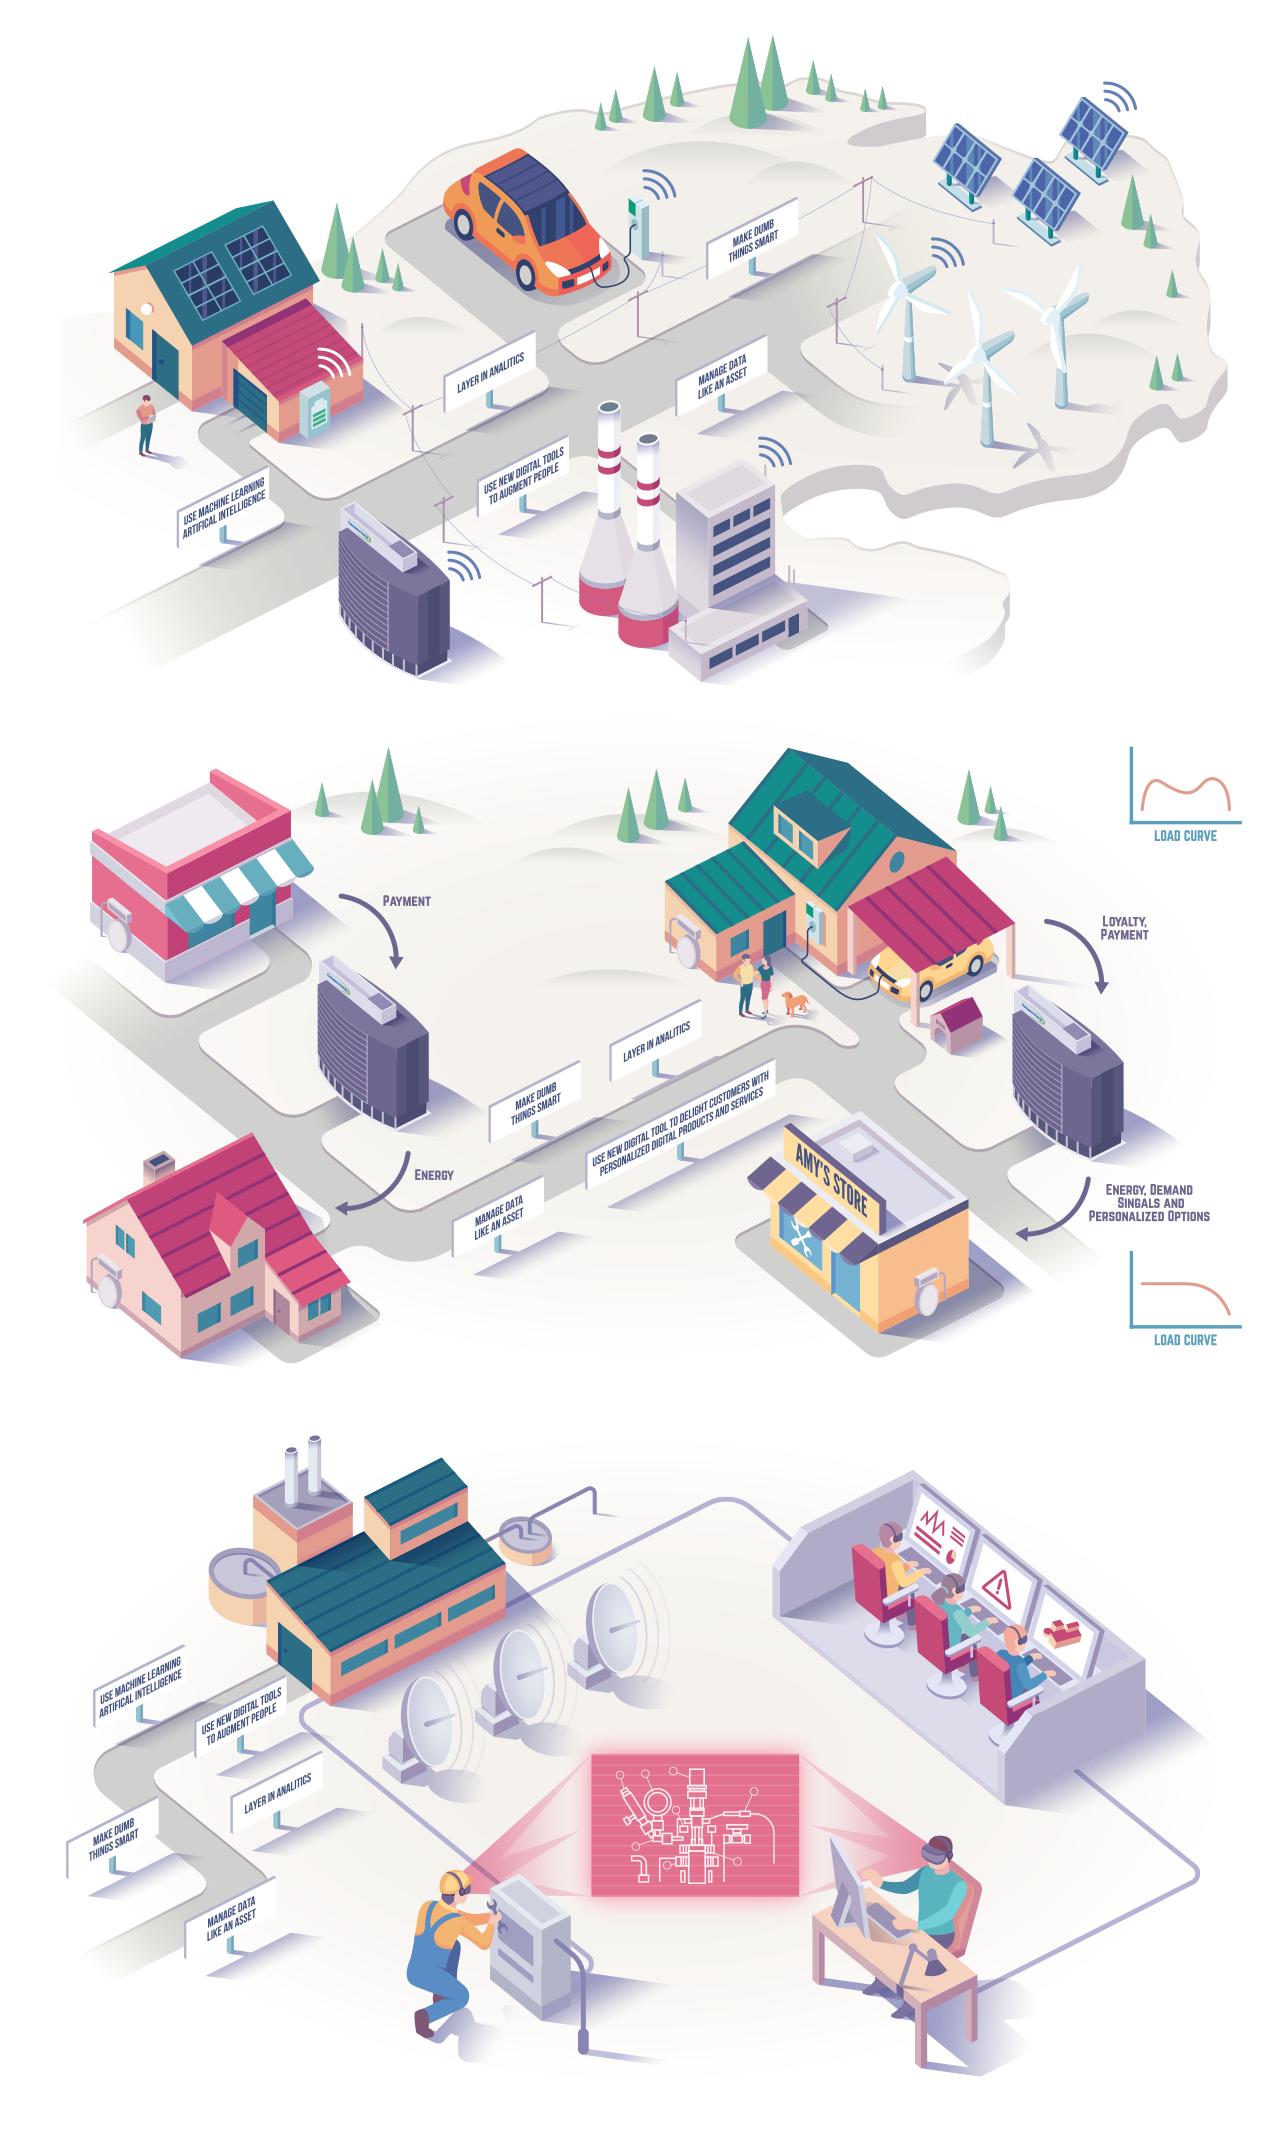 Digital Customer Experience Presentation Illustrations